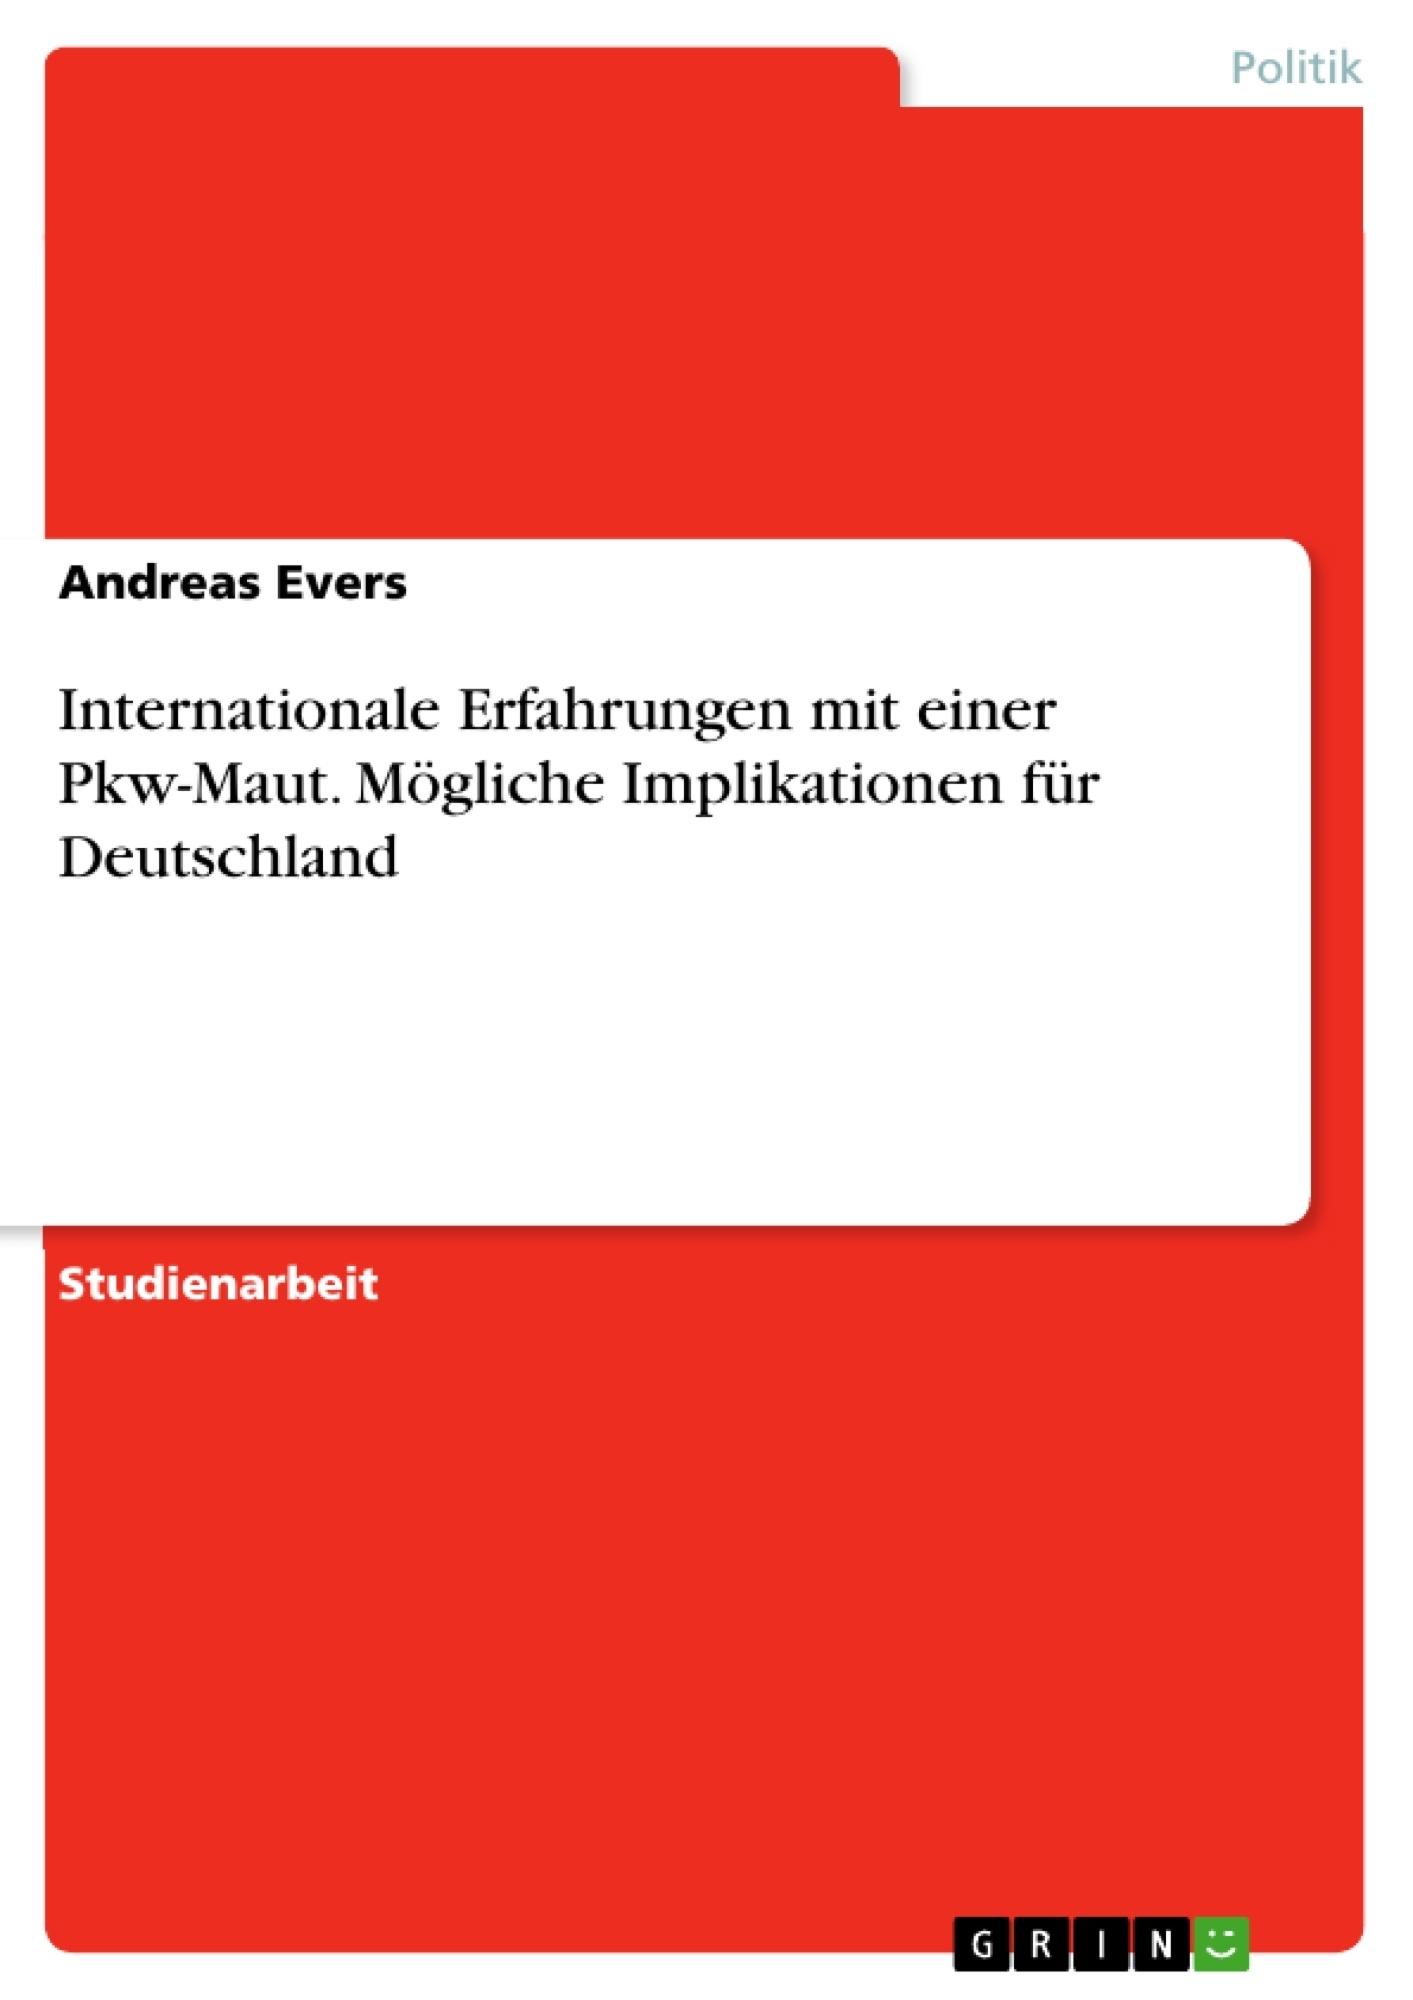 Titel: Internationale Erfahrungen mit einer Pkw-Maut. Mögliche Implikationen für Deutschland